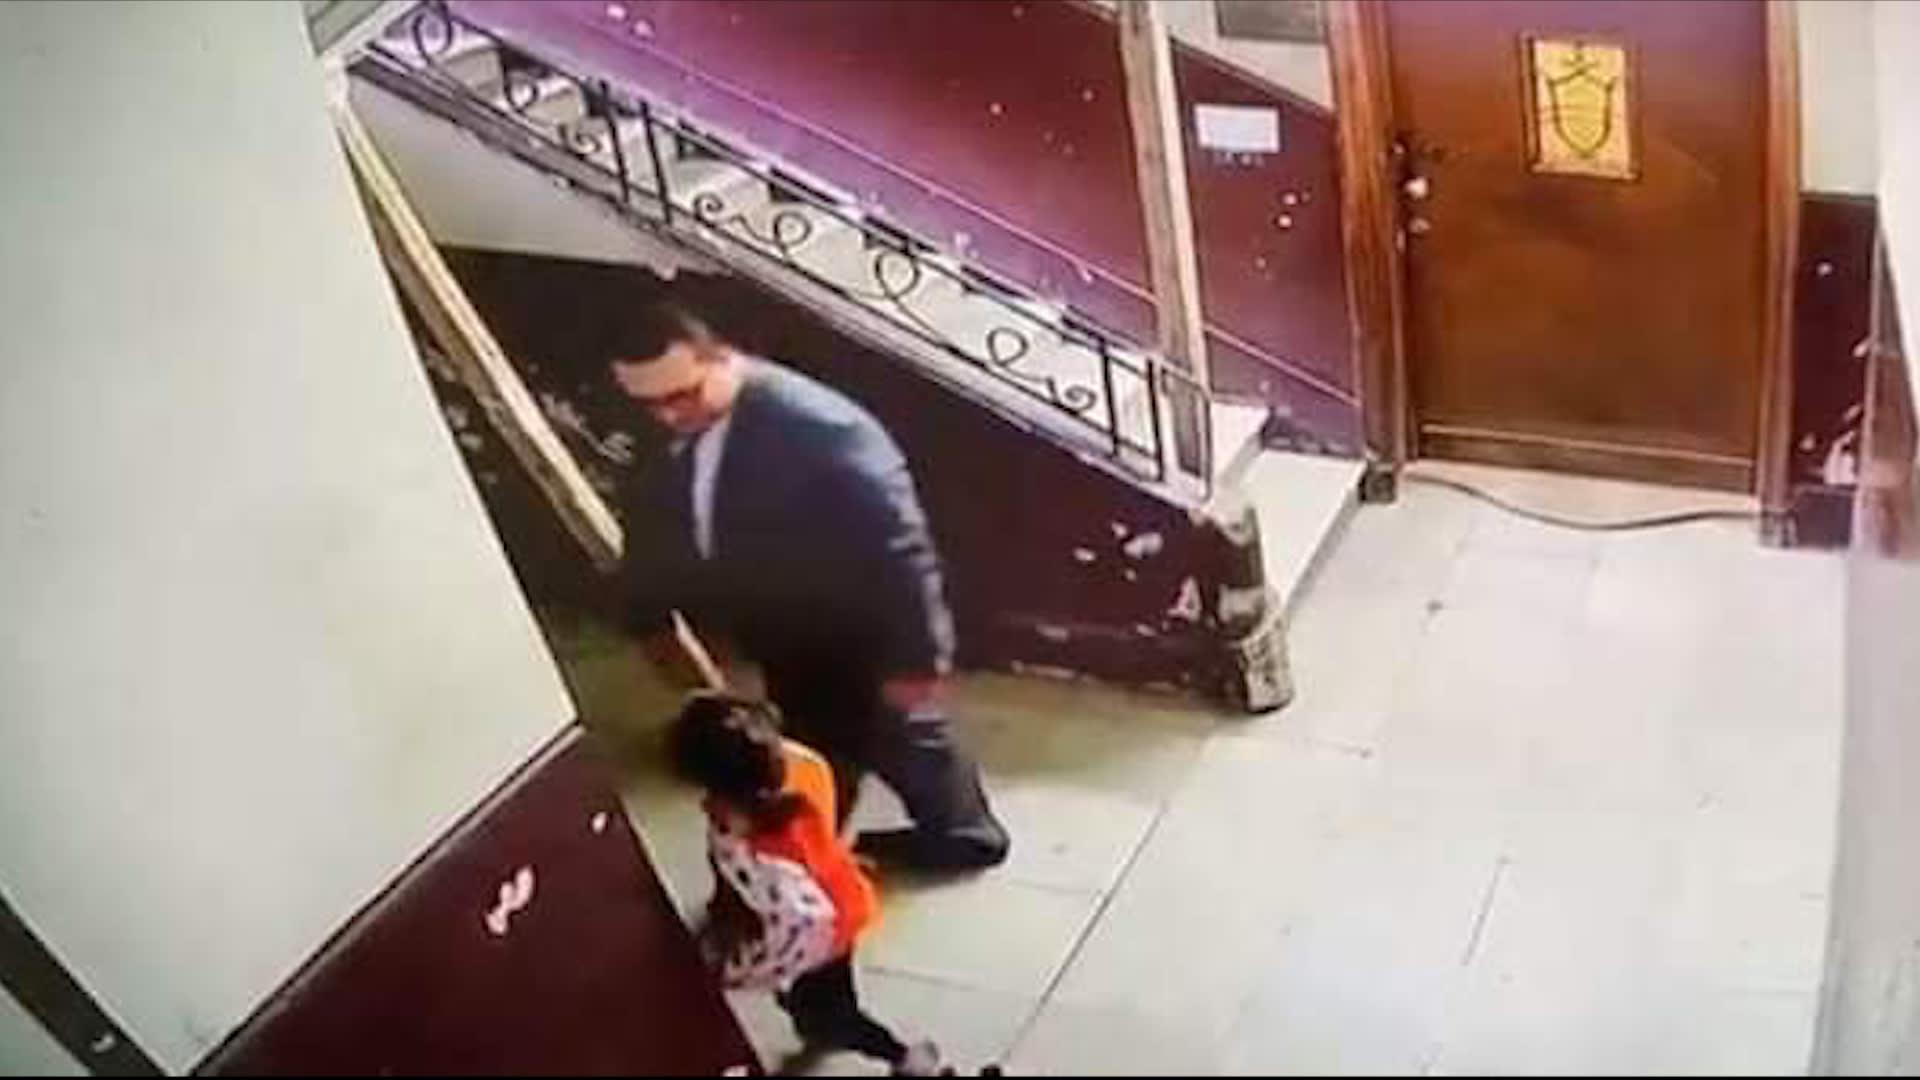 كاميرا مراقبة ترصد لحظة تحرش رجل بطفلة صغيرة يثير صدمة في مصر.. واحتفاء ببطولة سيدة تصدت له